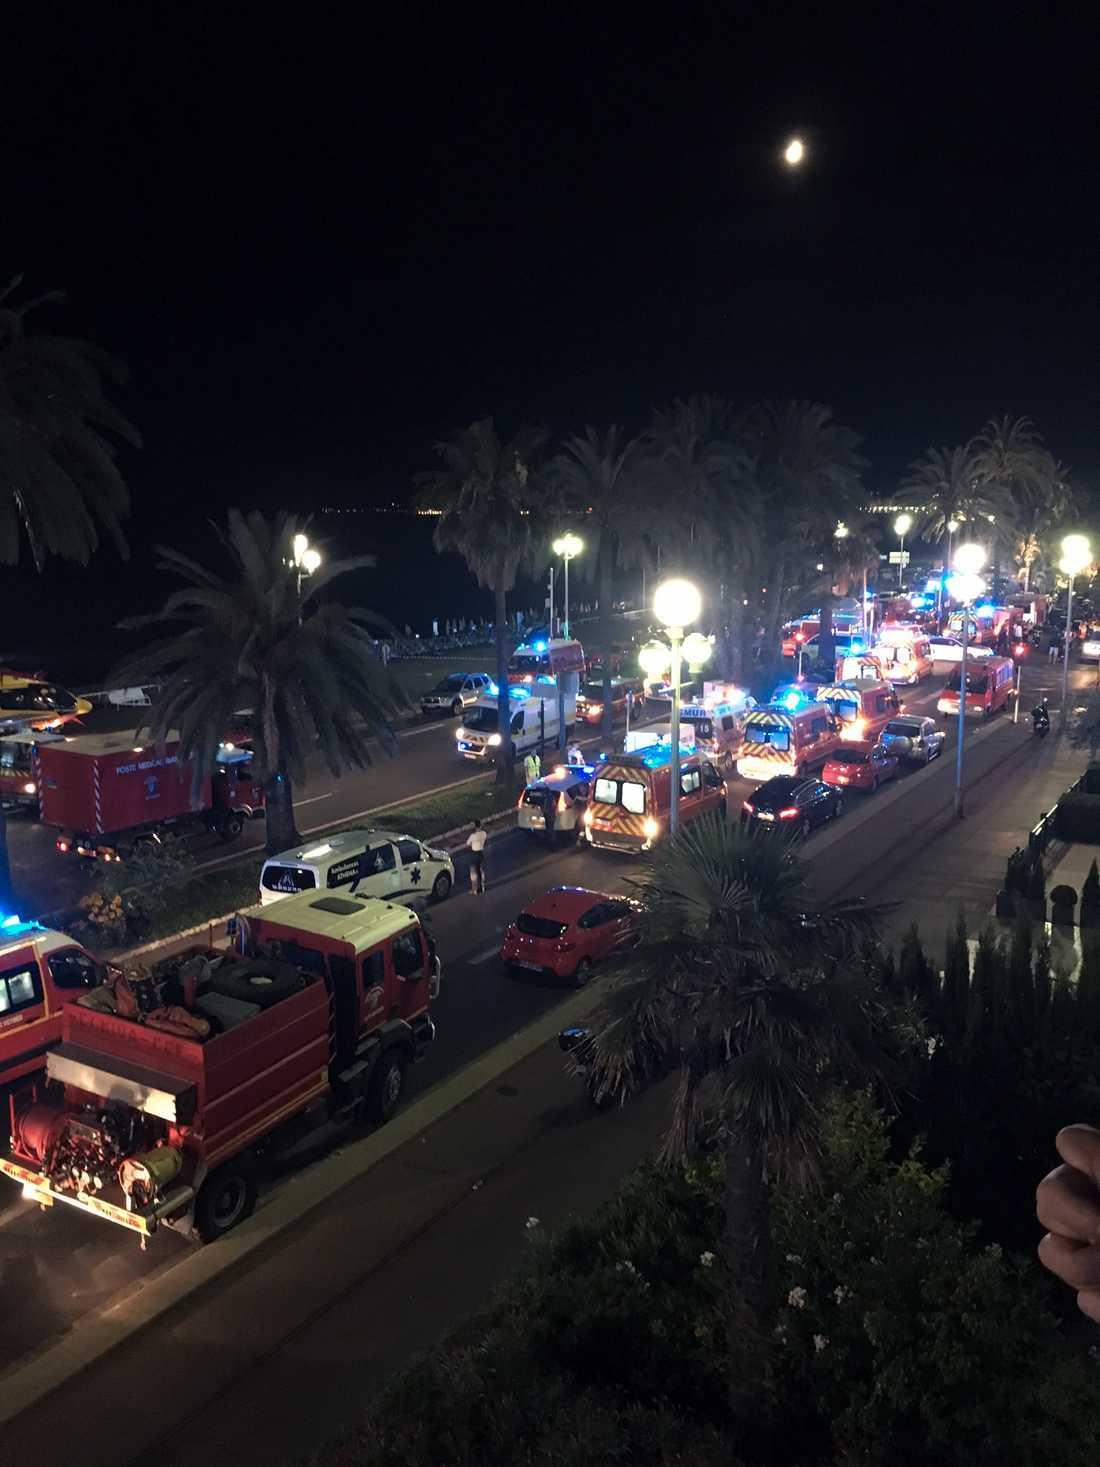 Efter attacken samlades ett stort räddningspådrag på Promenade des Anglais för att våra skadade och ta hand om döda.